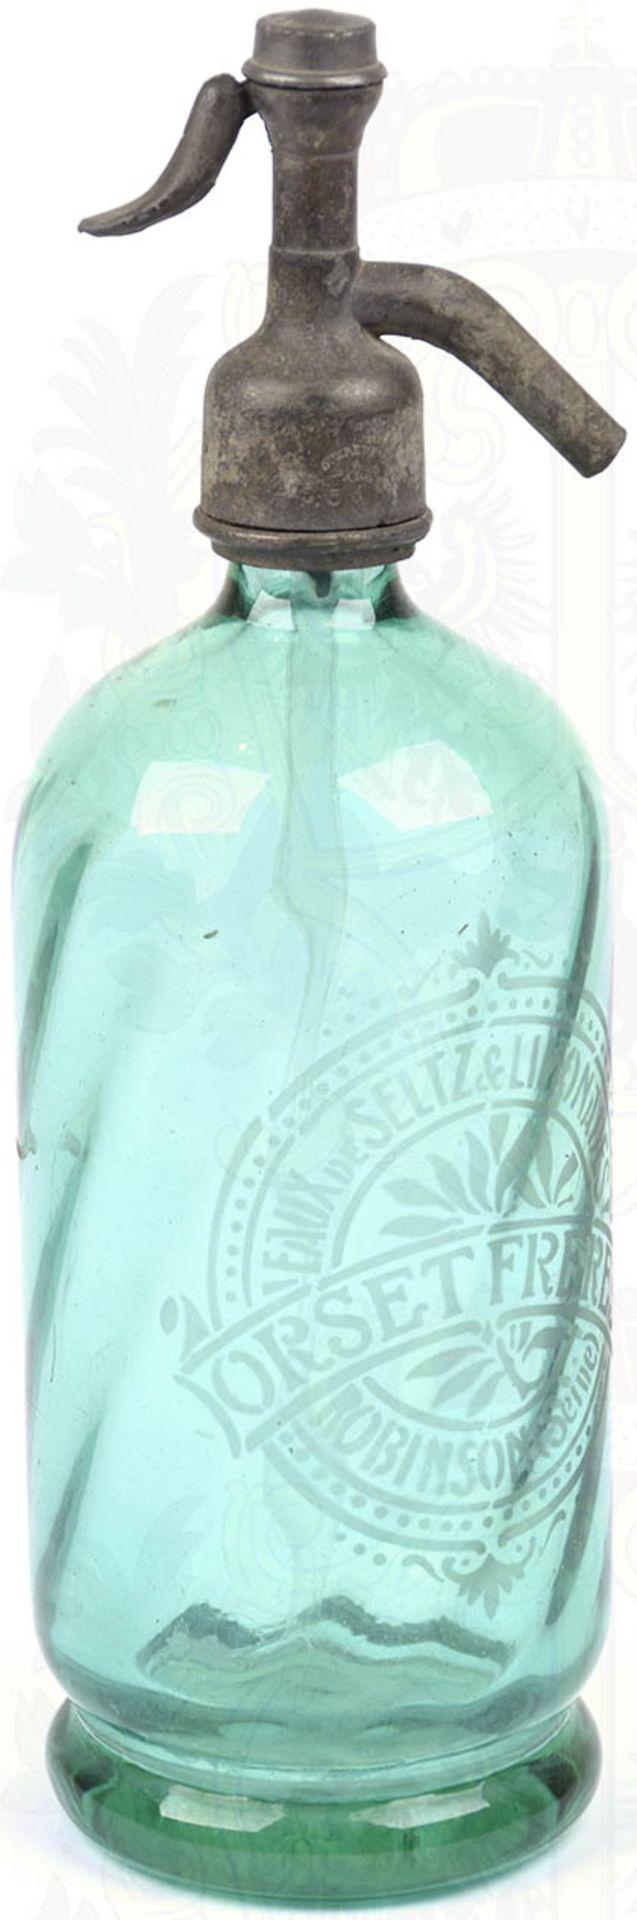 """SIPHONFLASCHE, Frankreich um 1900, grünes Glas m. metallenem Sprühkopf, vorders. Ätzgravur Fa. """""""